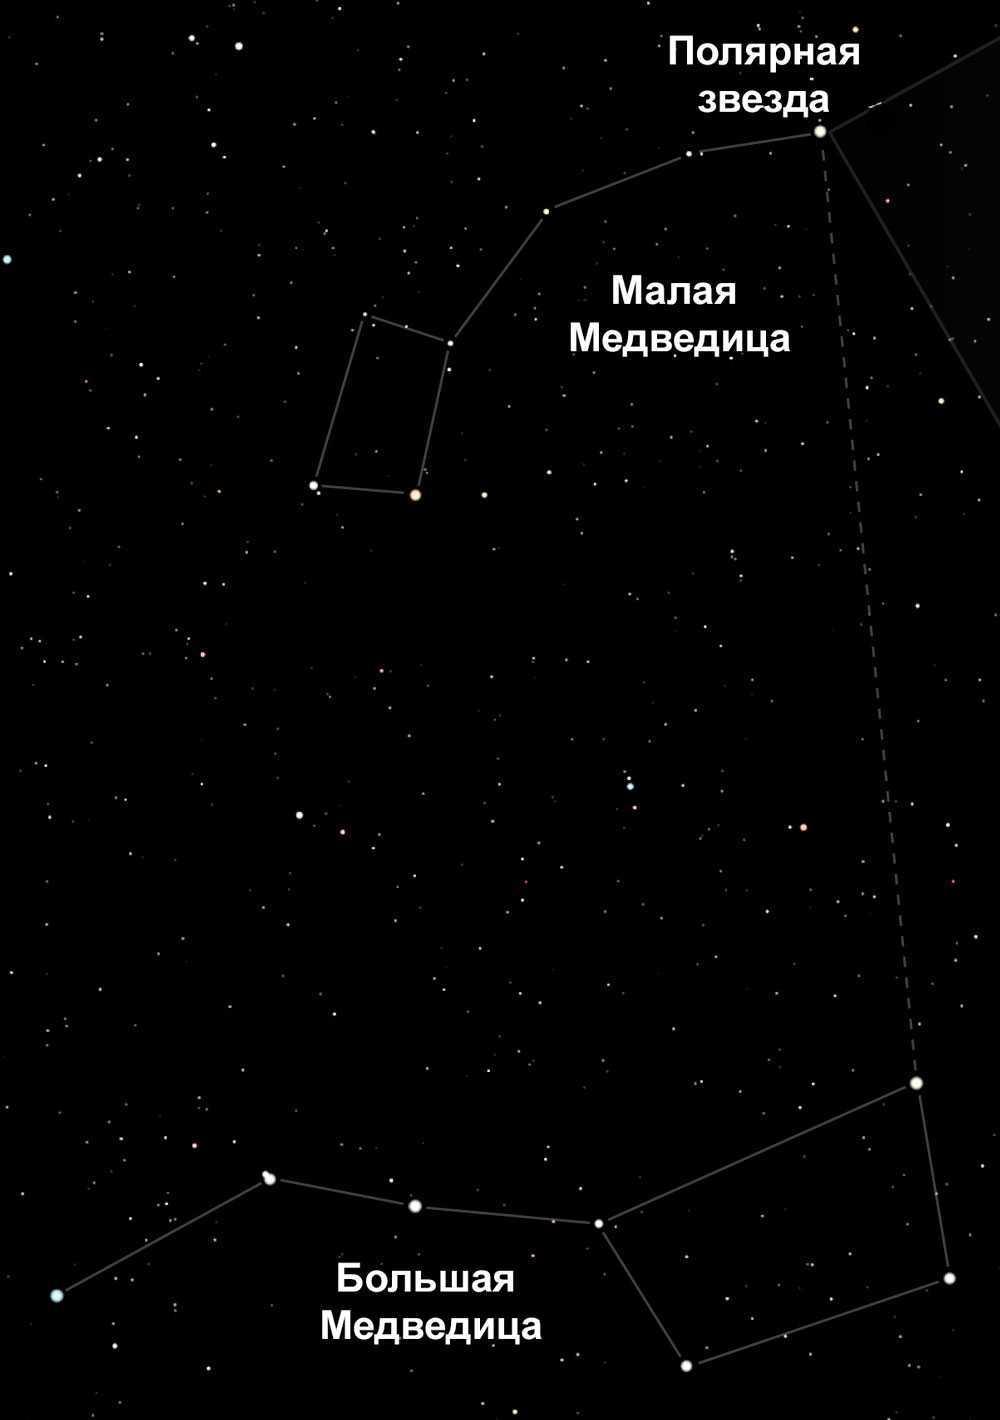 Большая Медведица, Малая Медведица, созвездия, Полярная звезда, звездное небо, расположение, схема, иллюстрация